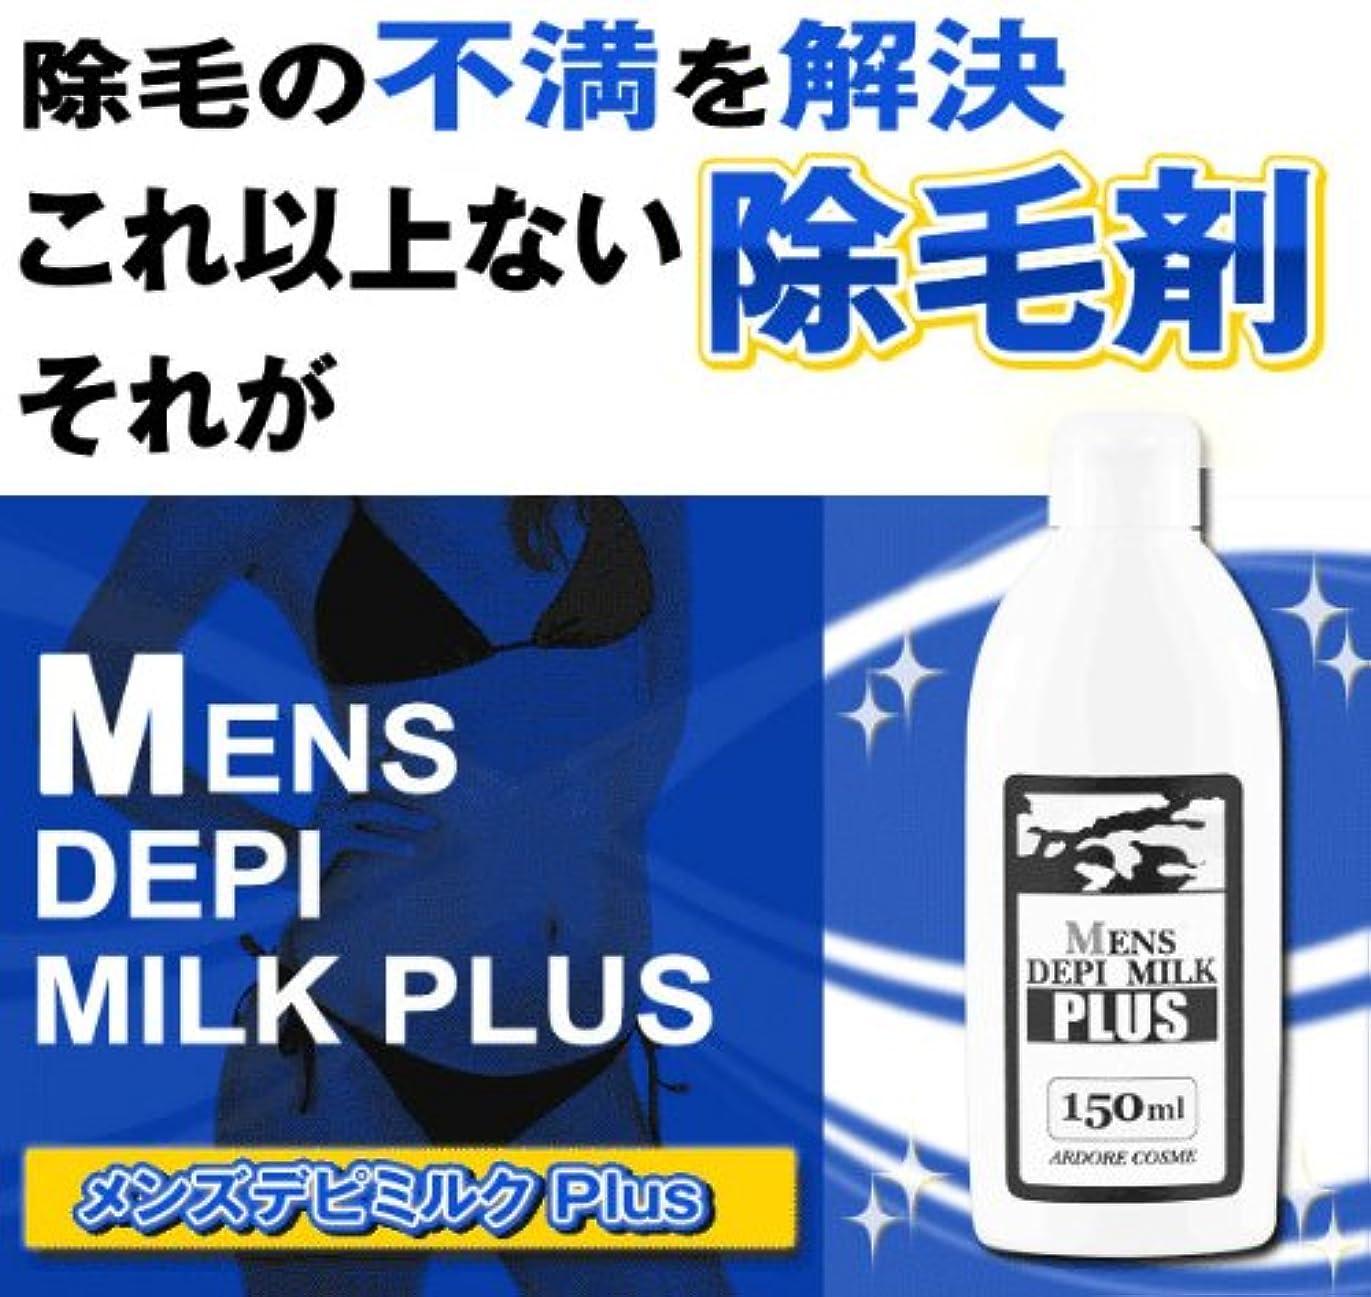 素人ブルしわ薬用メンズデピミルクプラス 150ml(薬用除毛クリーム)医薬部外品